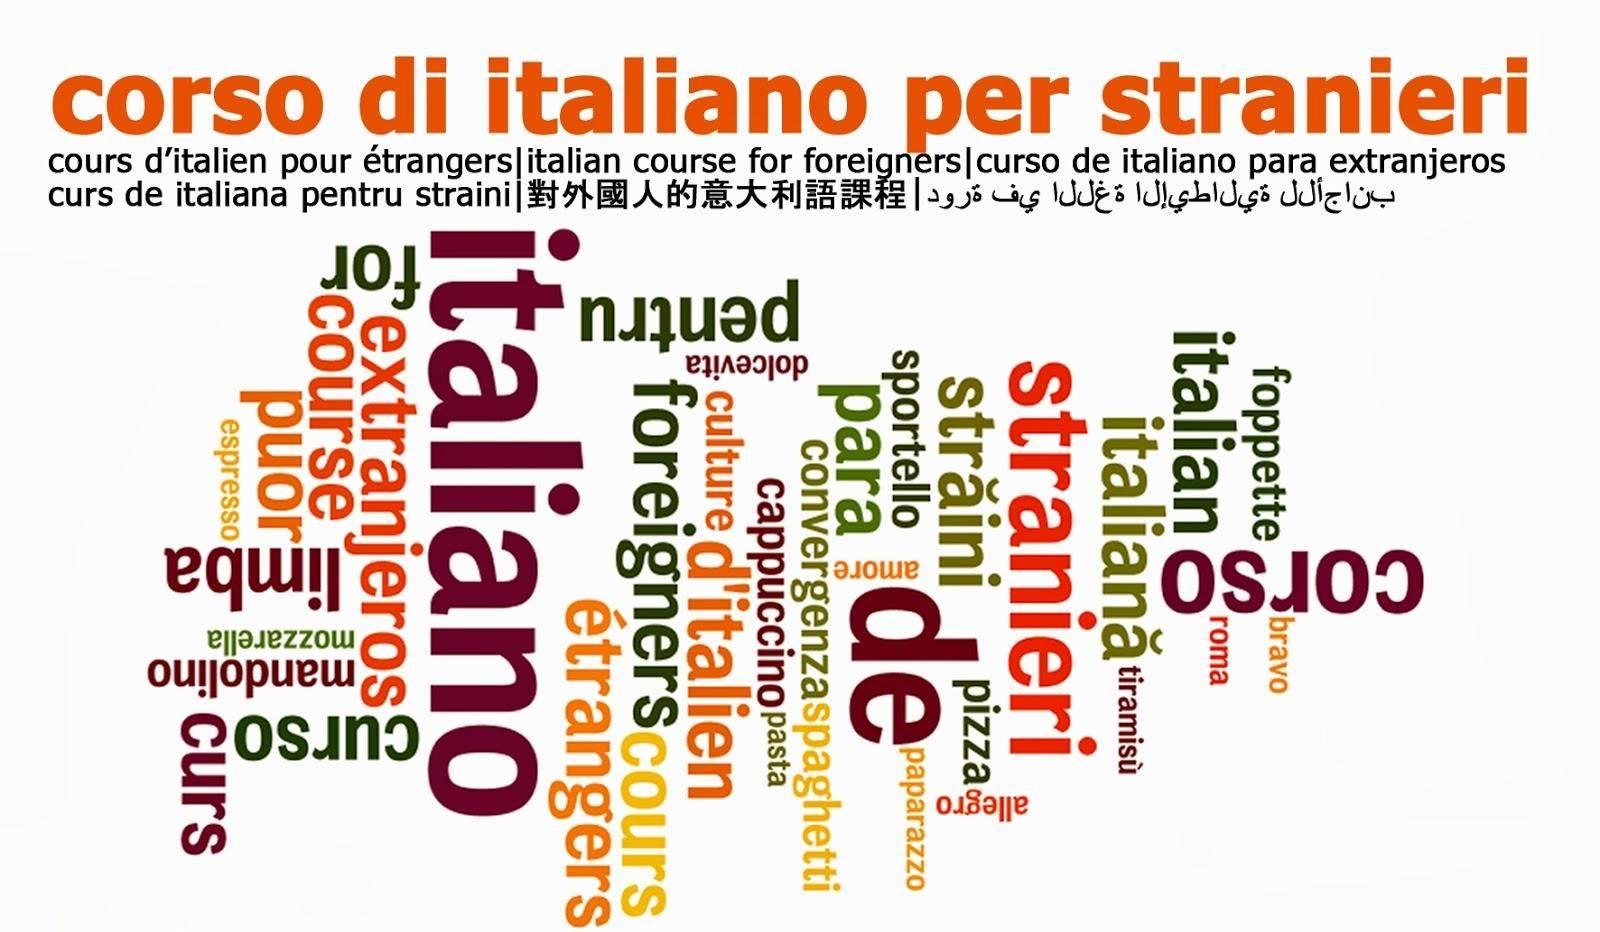 Riapertura dei corsi d'Italiano L2 per migranti al Baobab